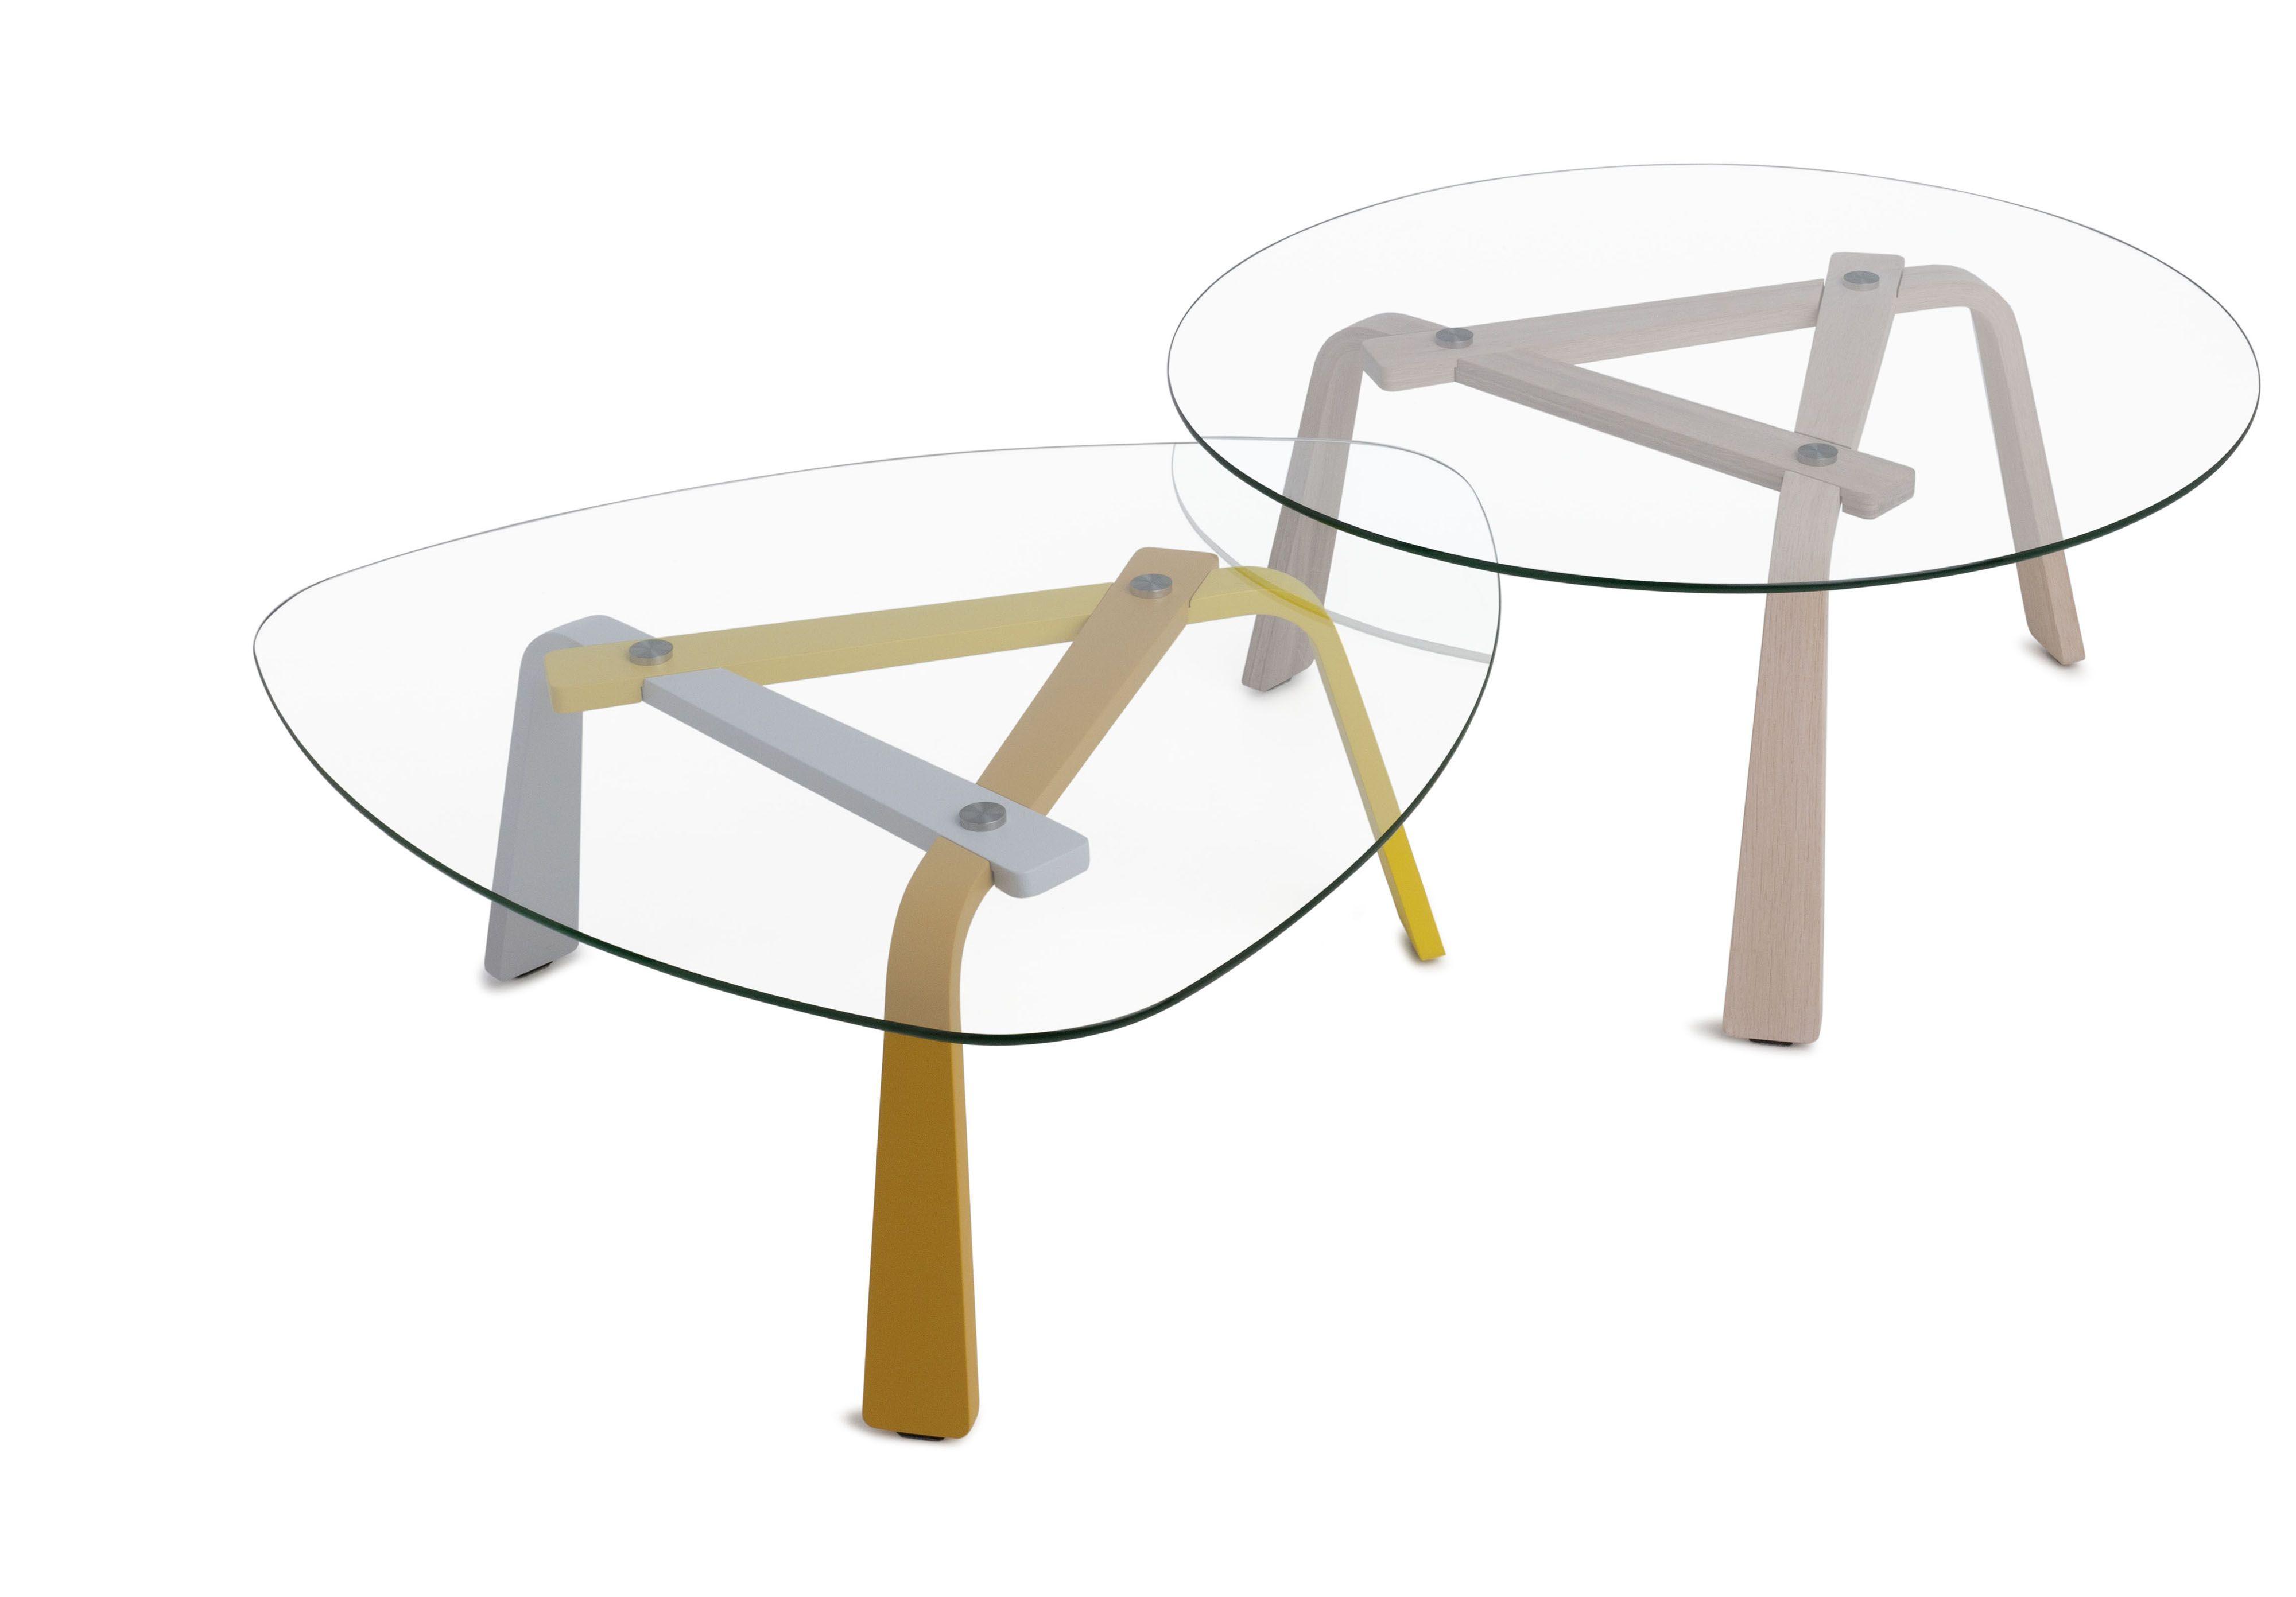 Meubles De Complement Mobilier De Salon Table De Salon Mobilier Design